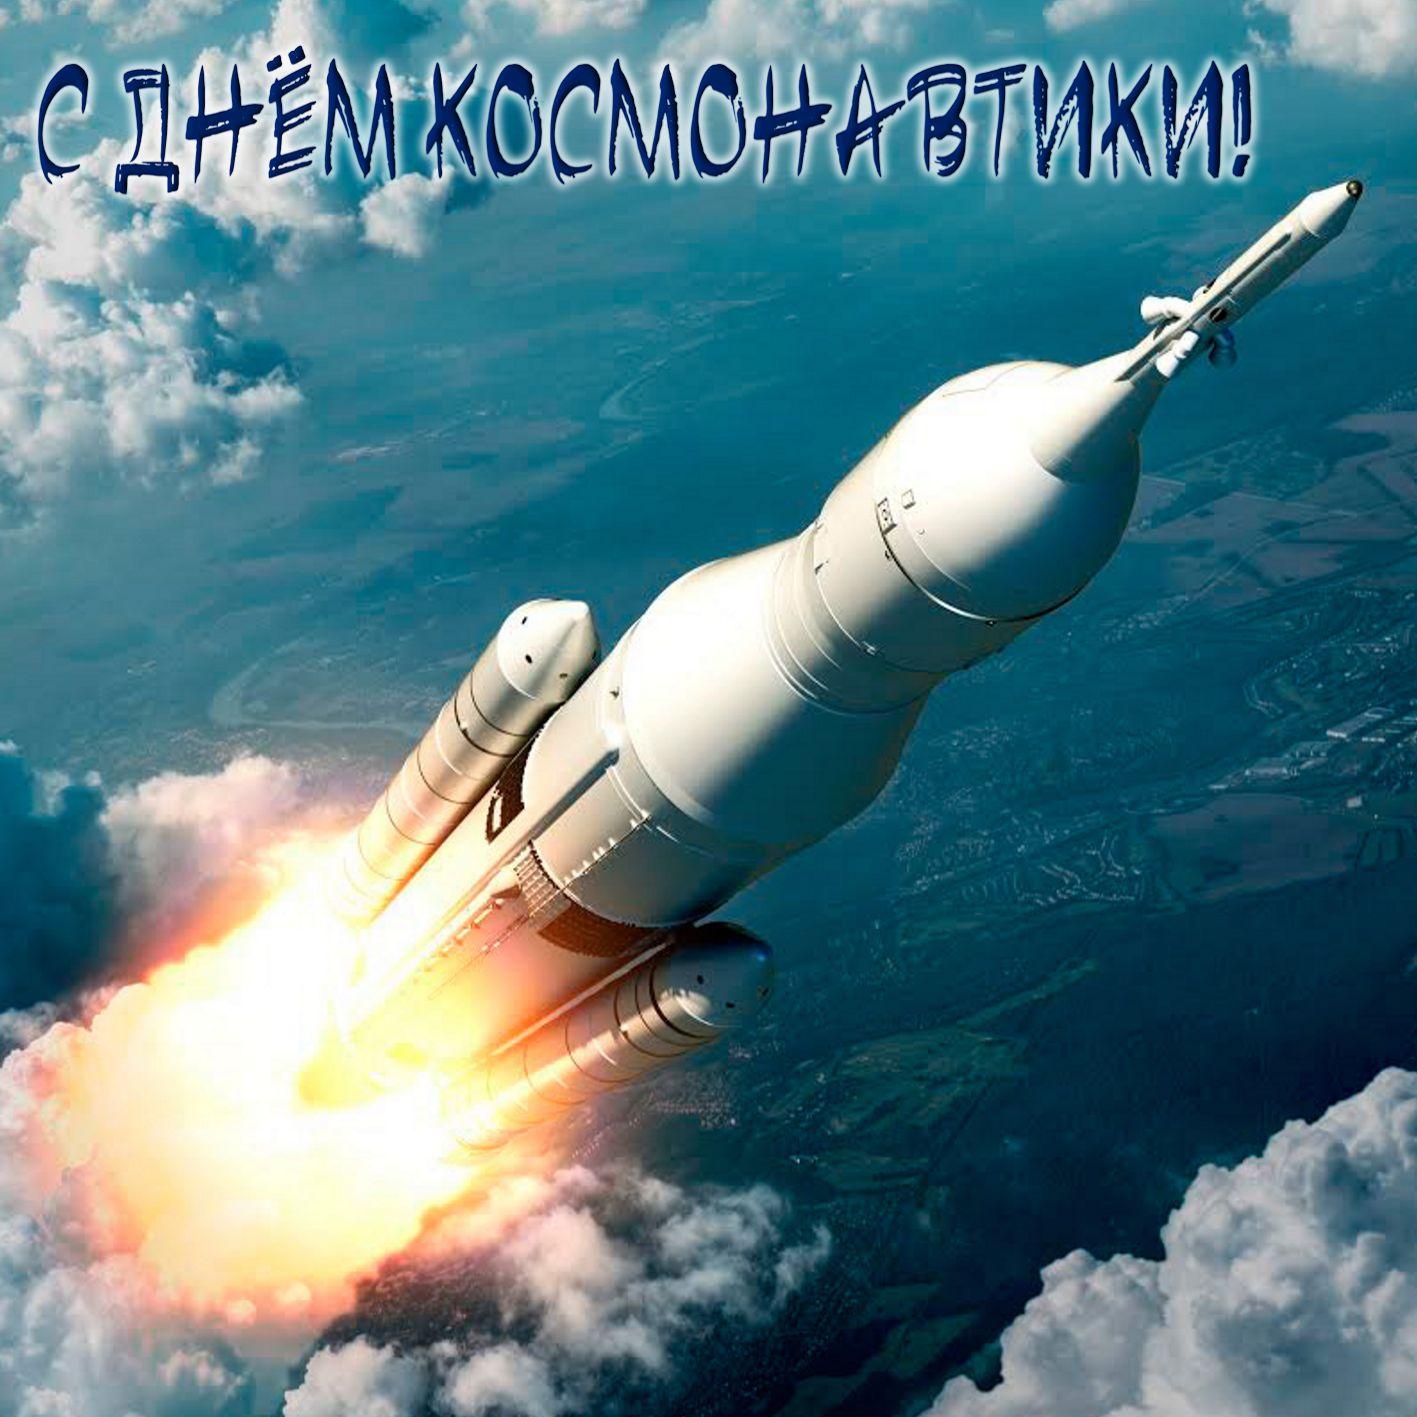 День космонавтики картинки с ракетой